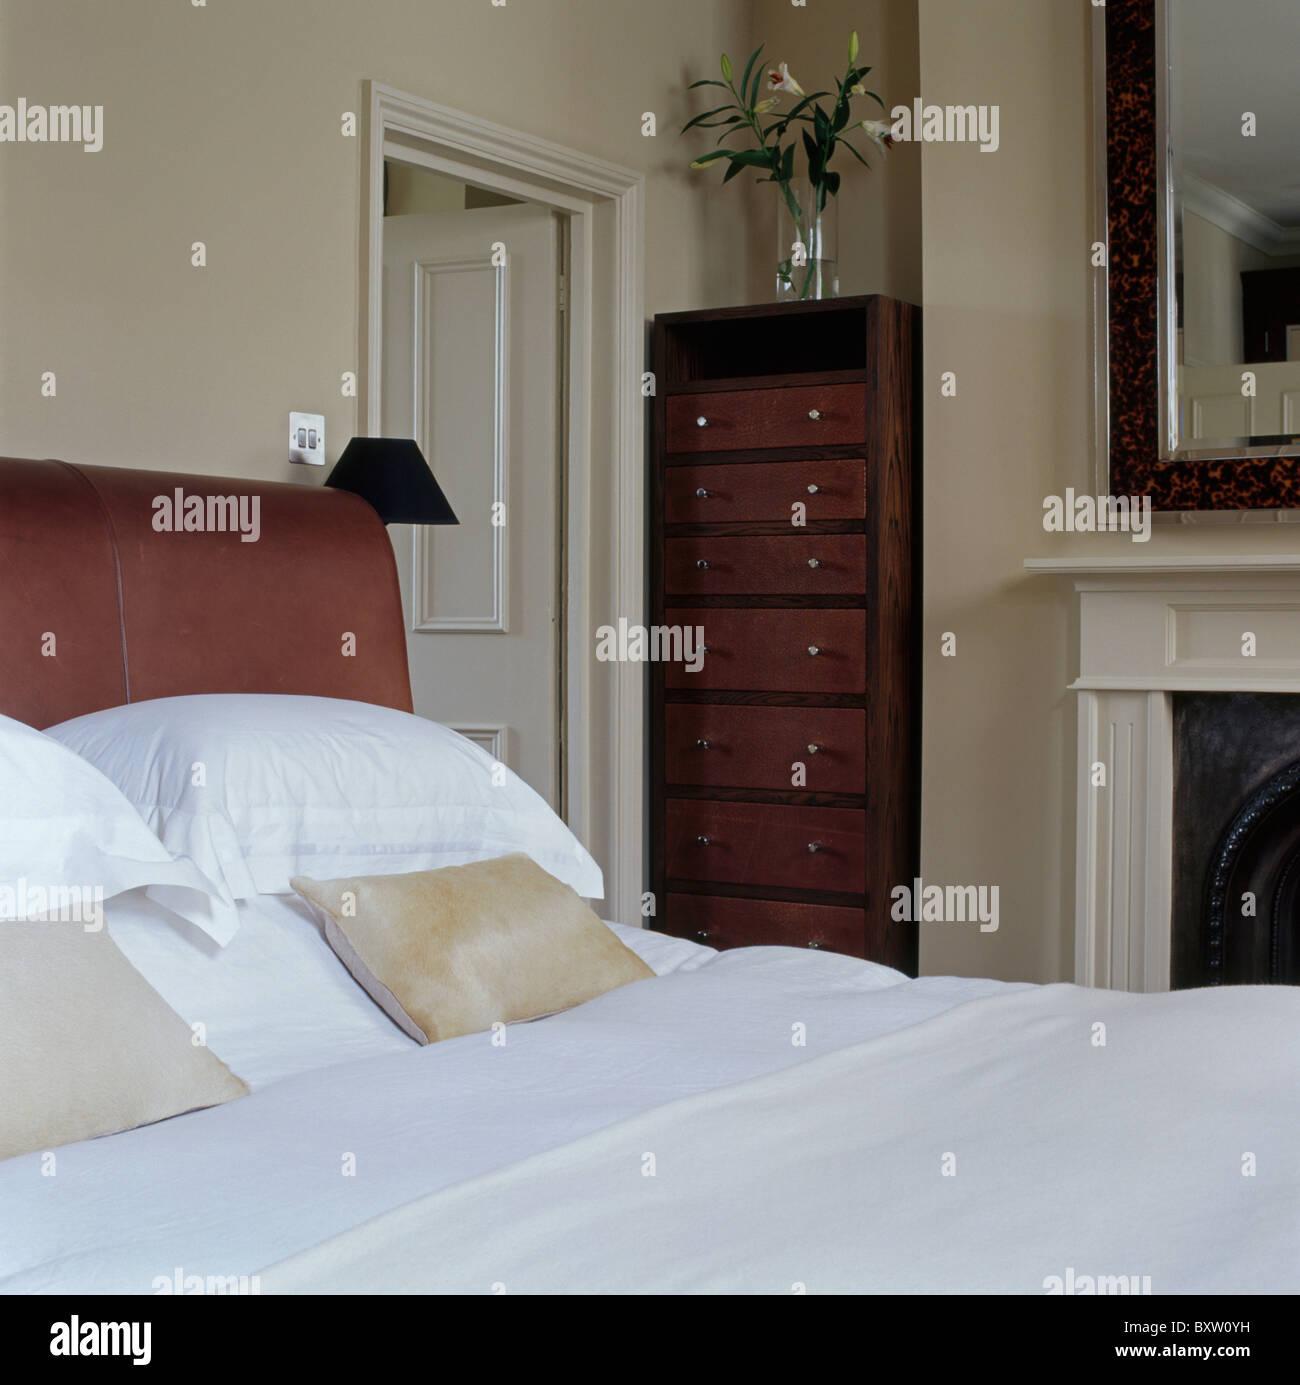 Oreillers Et Draps Blancs Sur Lit Dans Chambre Avec Maison Creme